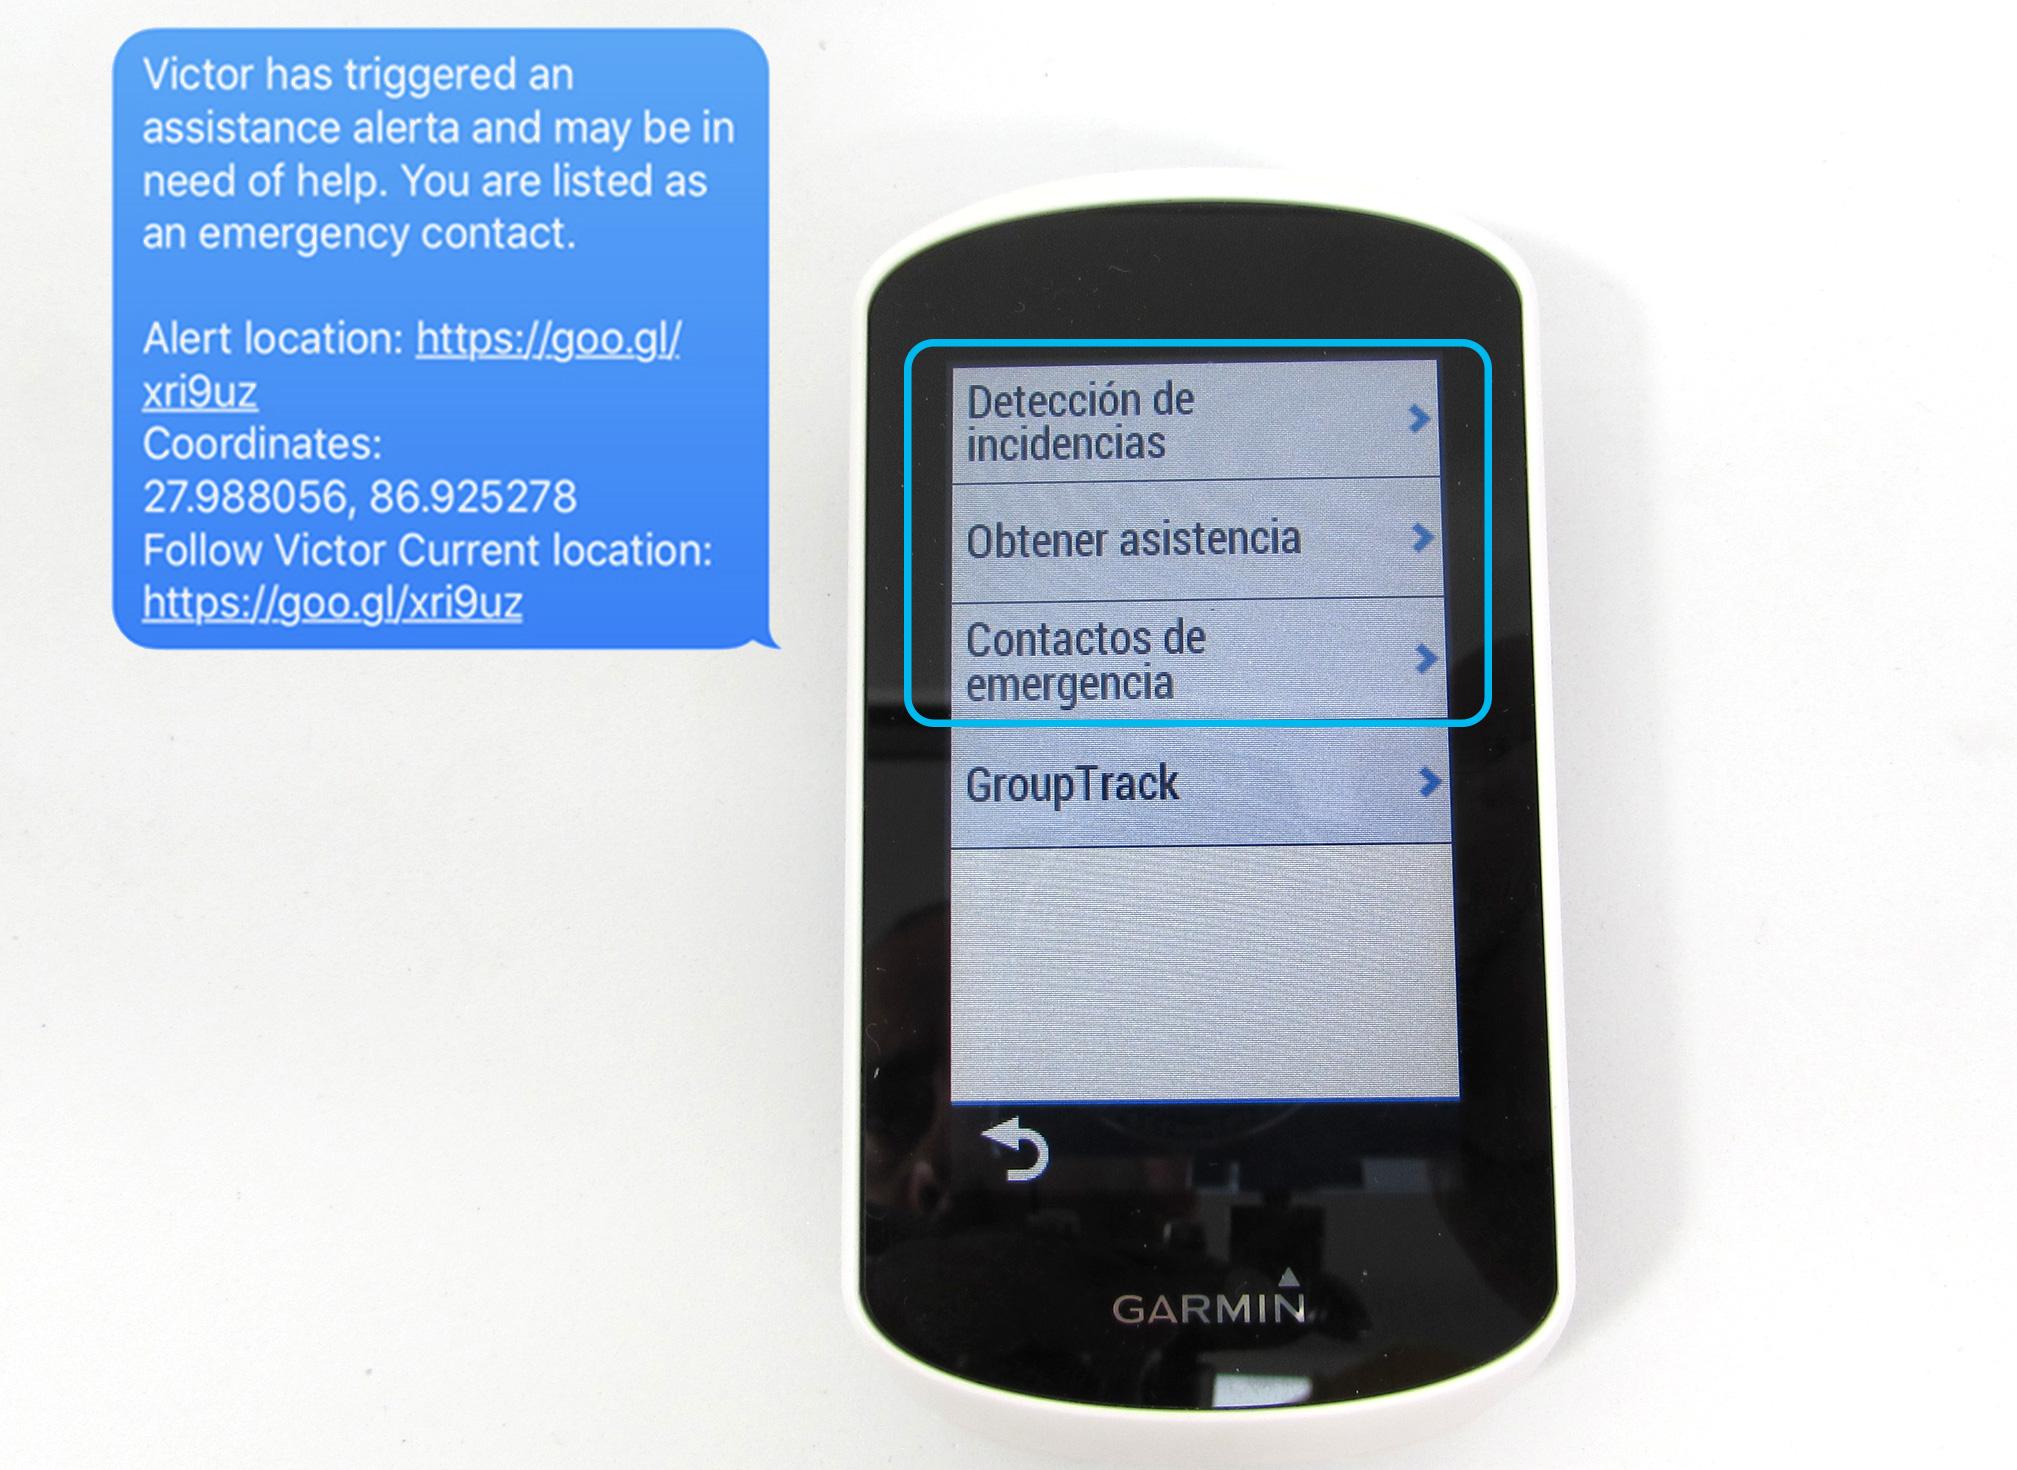 detección de accidentes y mensaje de asistencia en el Garmin Edge Explore